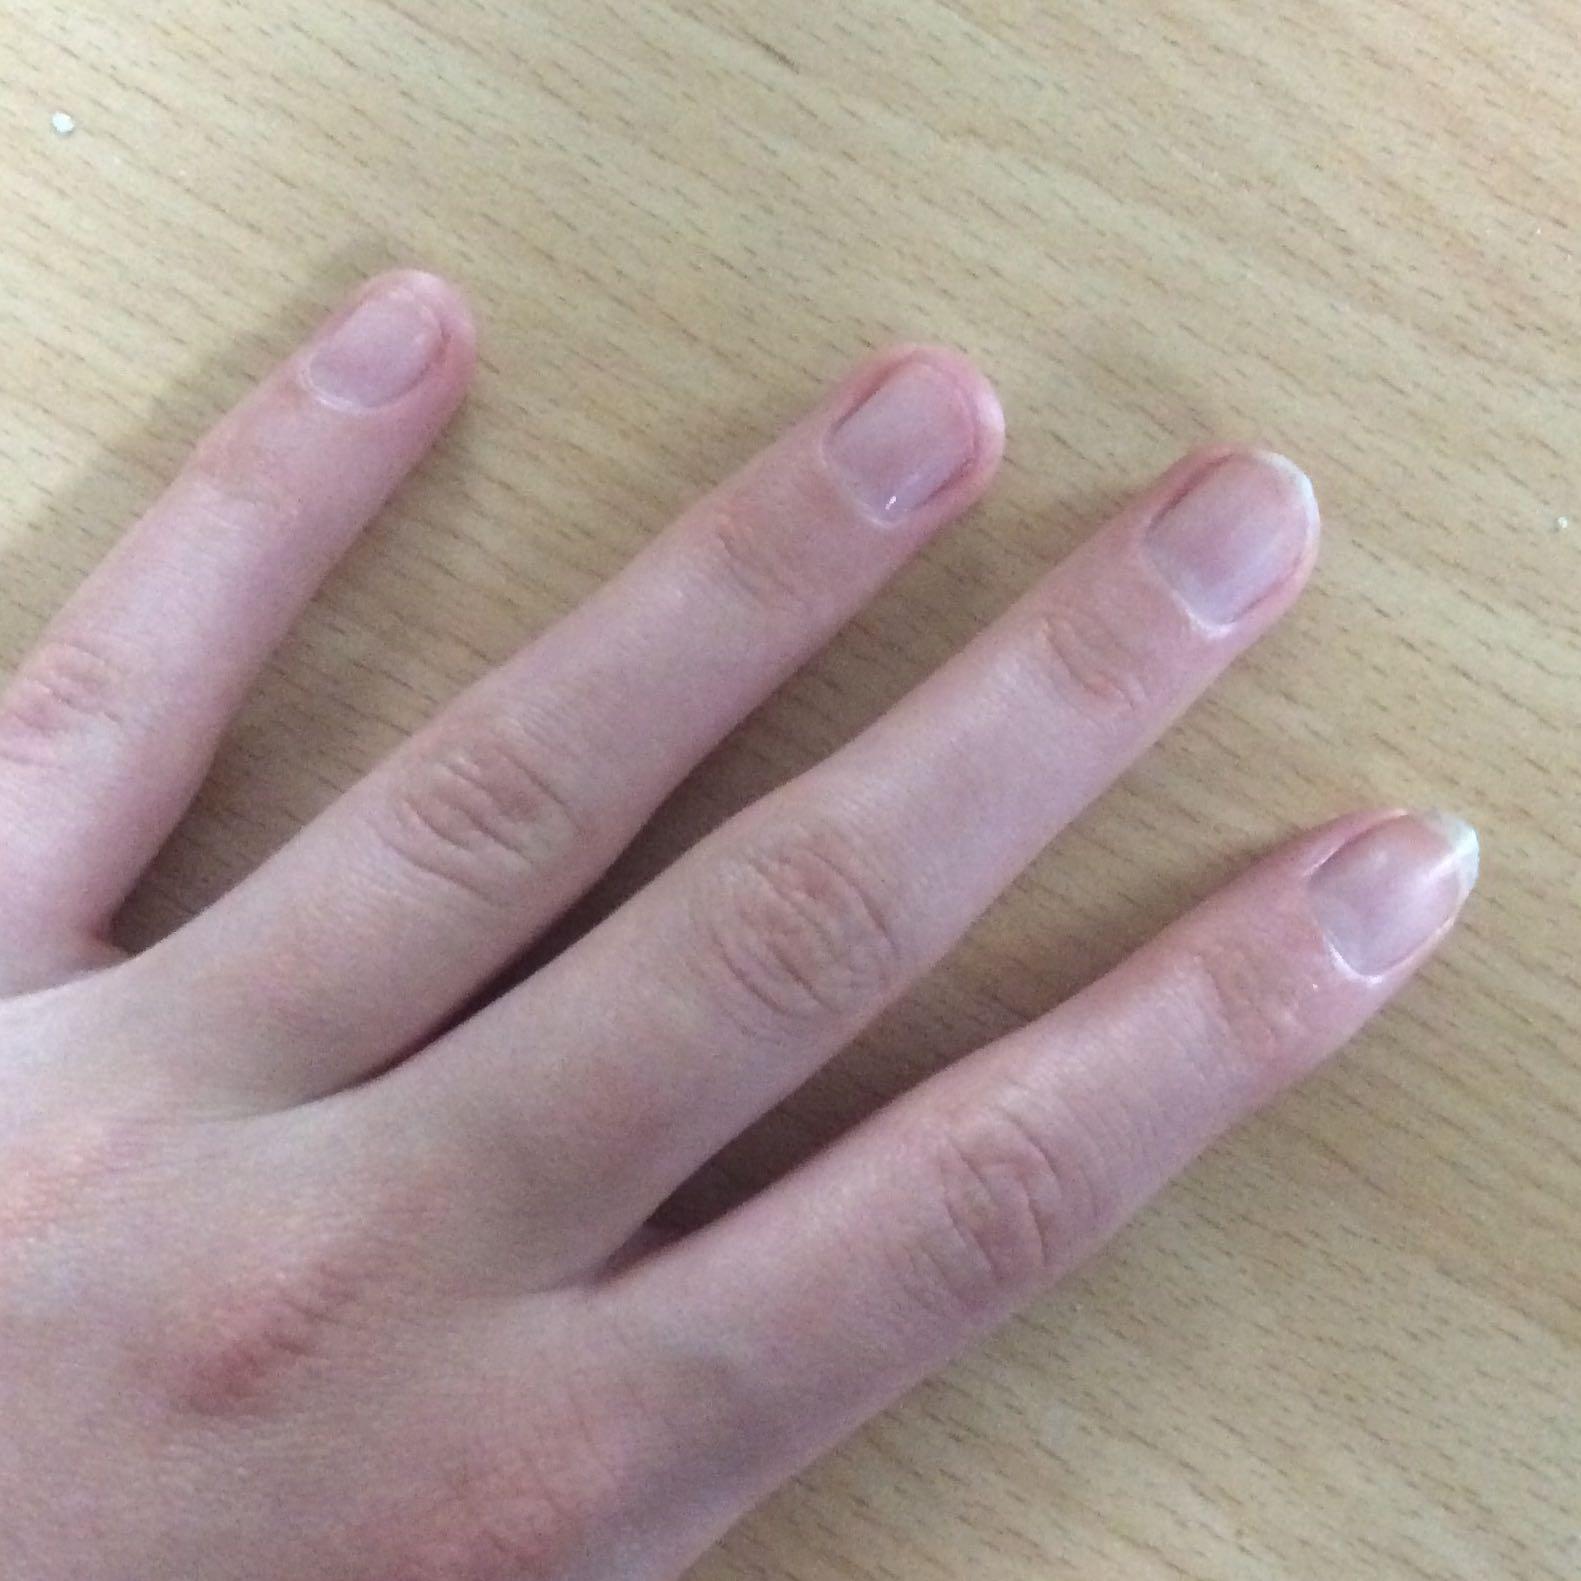 Sind Meine Nu00e4gel Zu Kurz Wie Kann Ich Sie Schneller Wachsen Lassen? (Hand Finger Nu00f6gel)